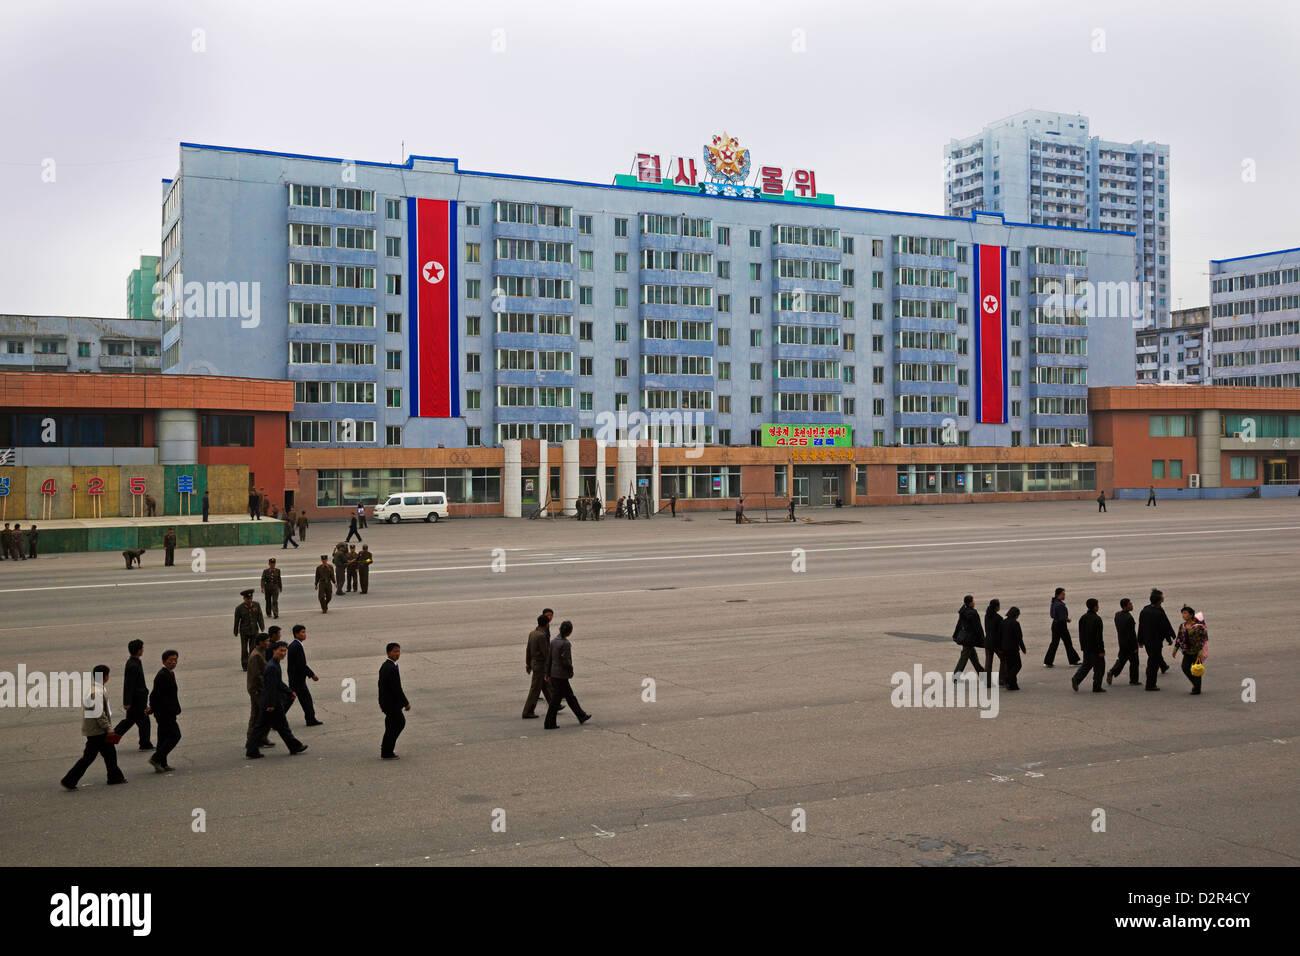 Typische Stadtarchitektur, Pyongyang, Demokratische Volksrepublik Korea (DVRK), Nordkorea, Asien Stockbild